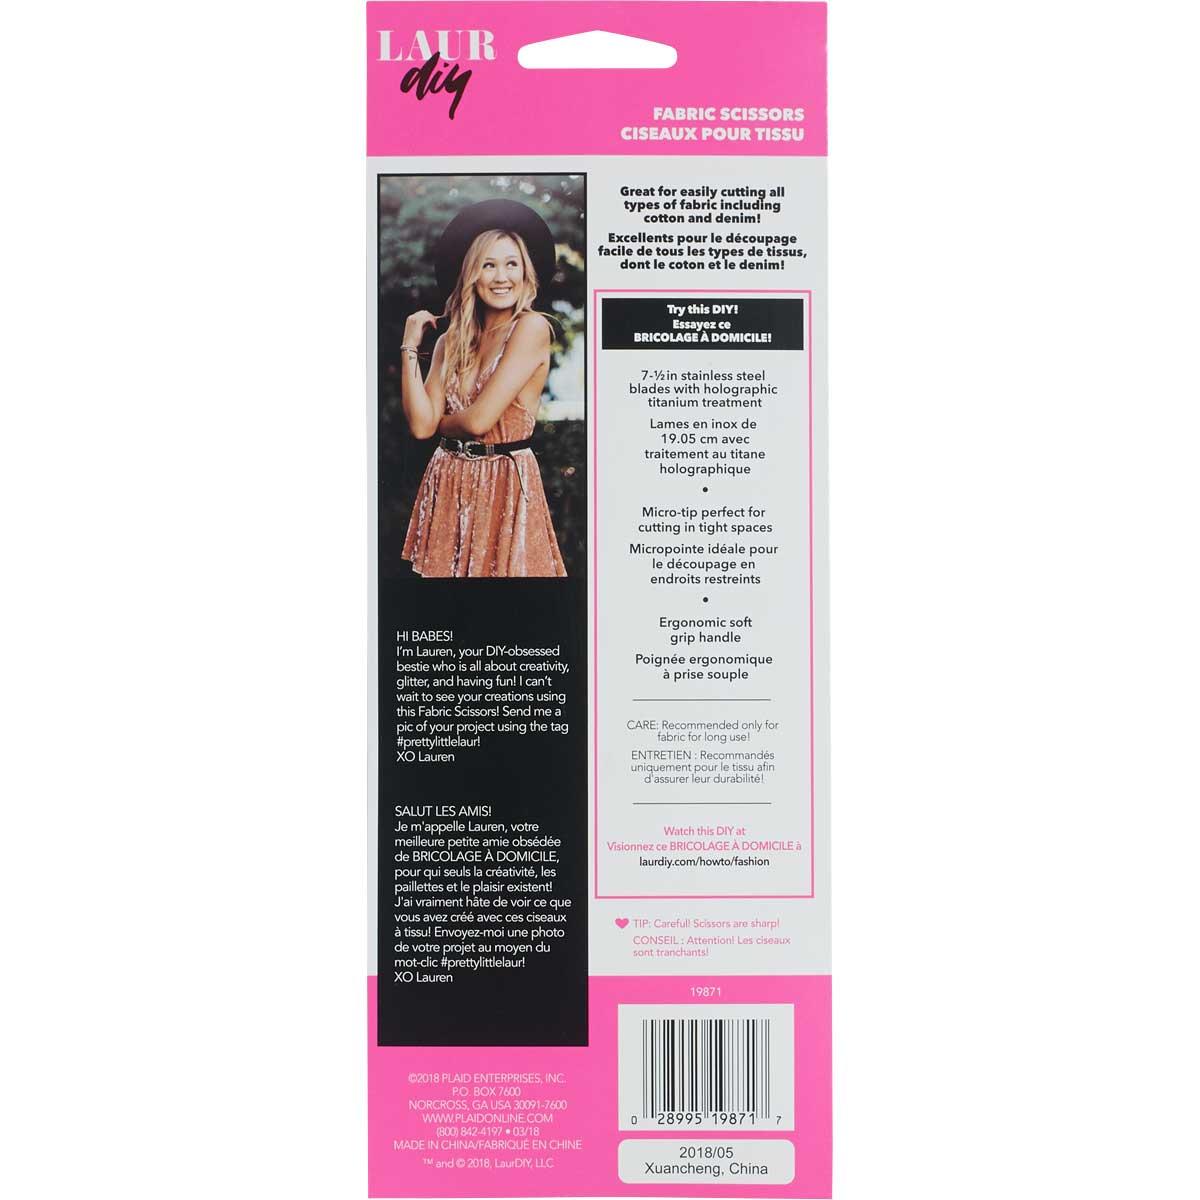 LaurDIY ® Accessories - Fabric Scissors, 7-1/2